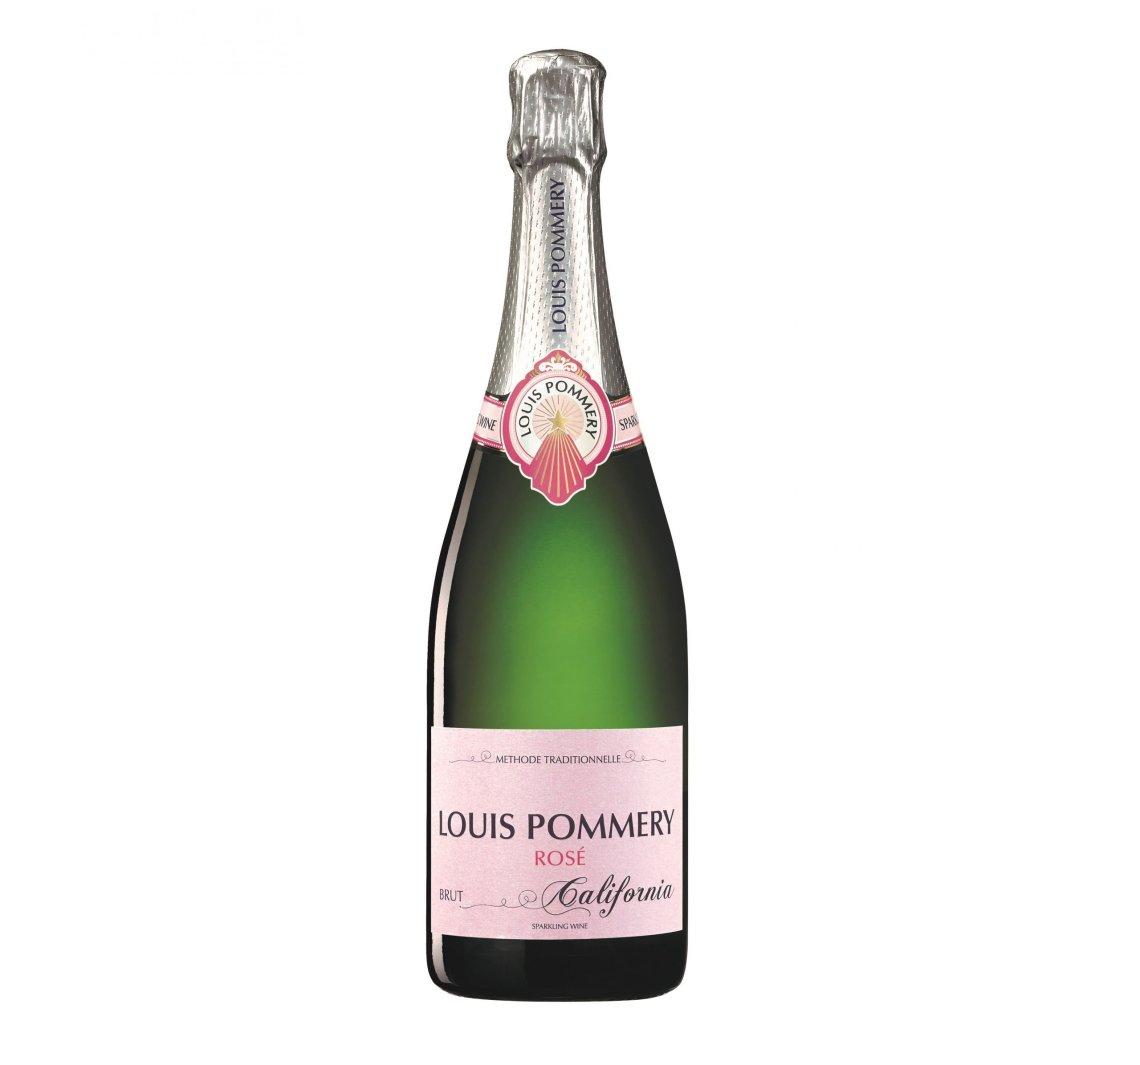 NV Louis Pommery Brut Rose California